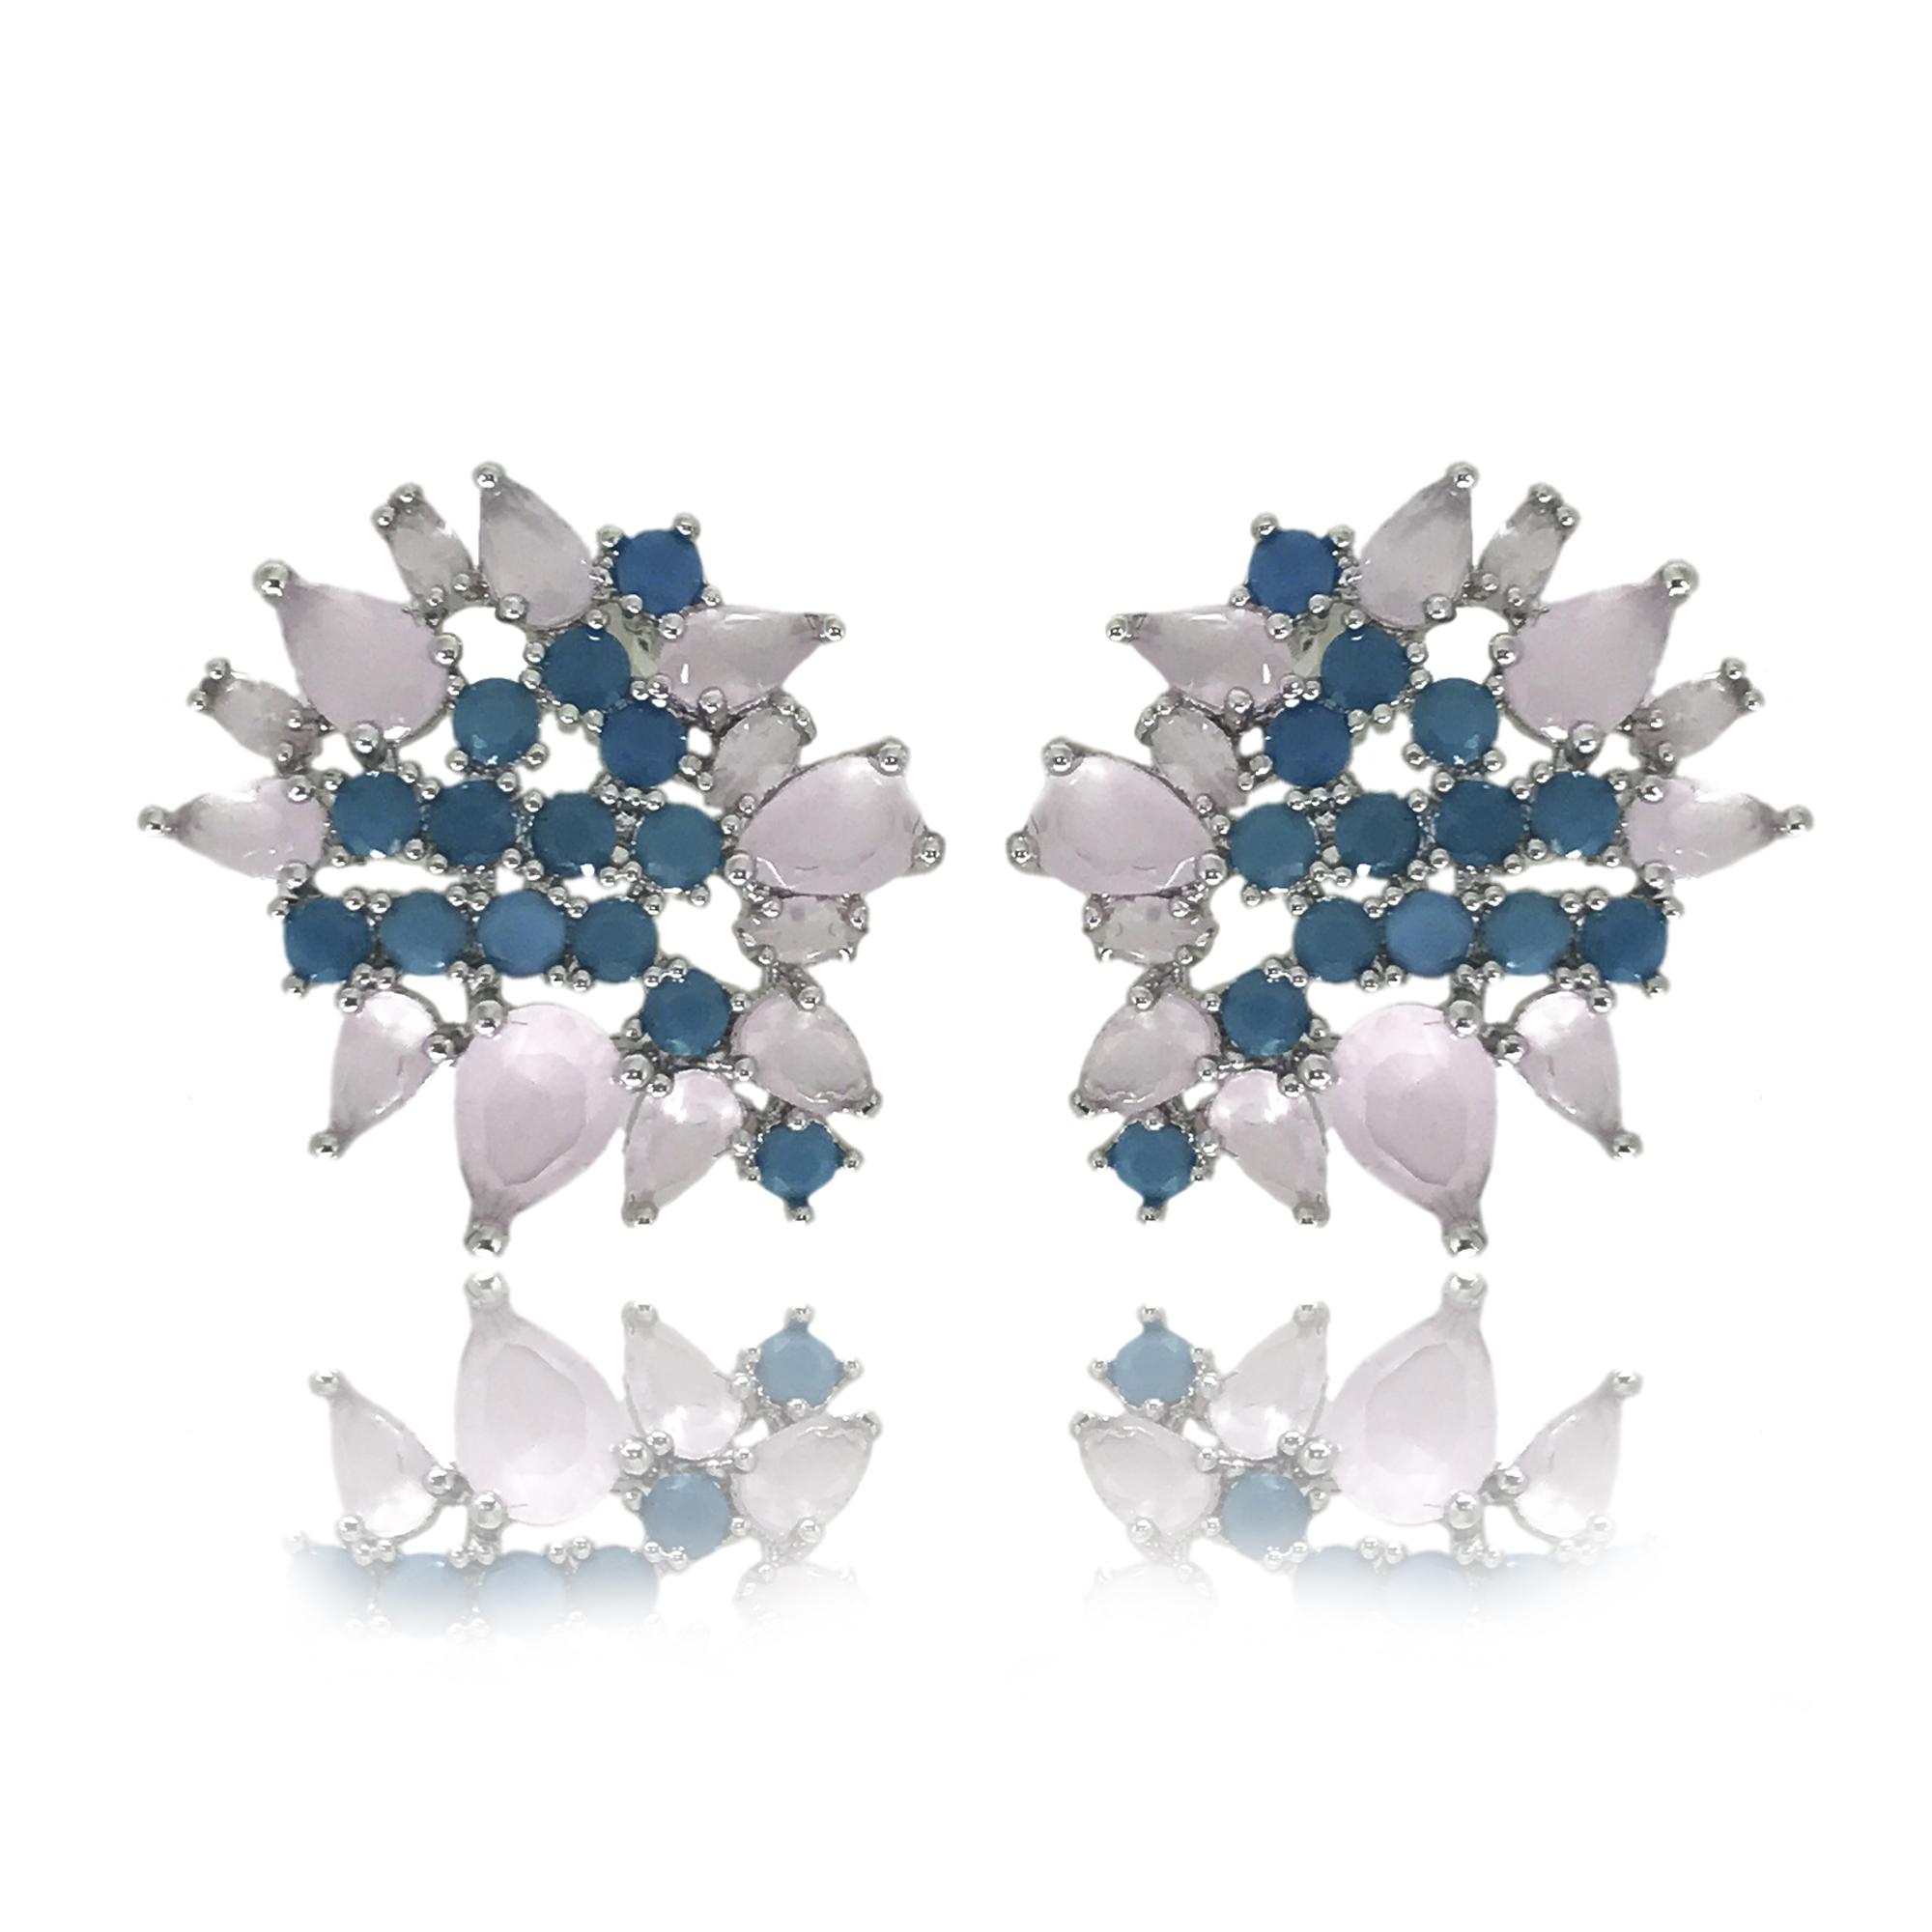 Brinco médio cravejado com zircônias rosa quartzo em formato de gota e mini zircônias turquesa folheado no ródio branco